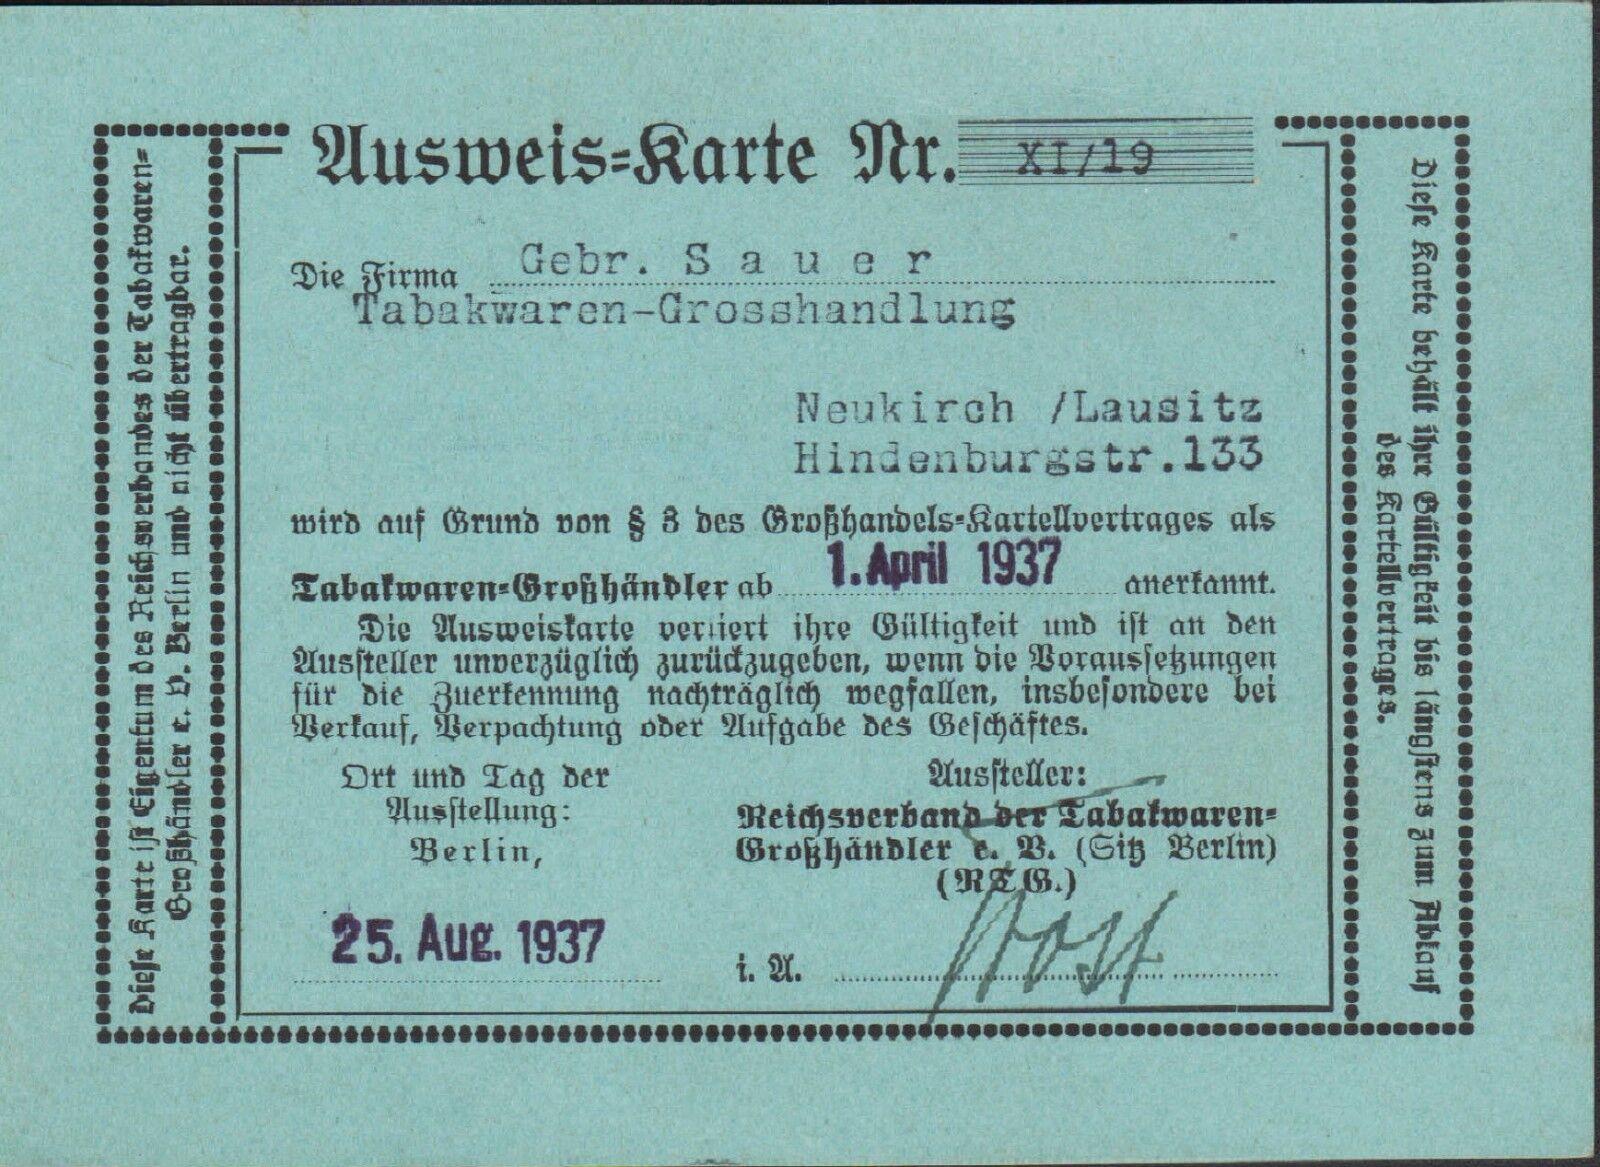 BERLIN, Ausweis-Karte 1937, Tabak-Waren-Großhändler NEUKIRCH/LAUSITZ